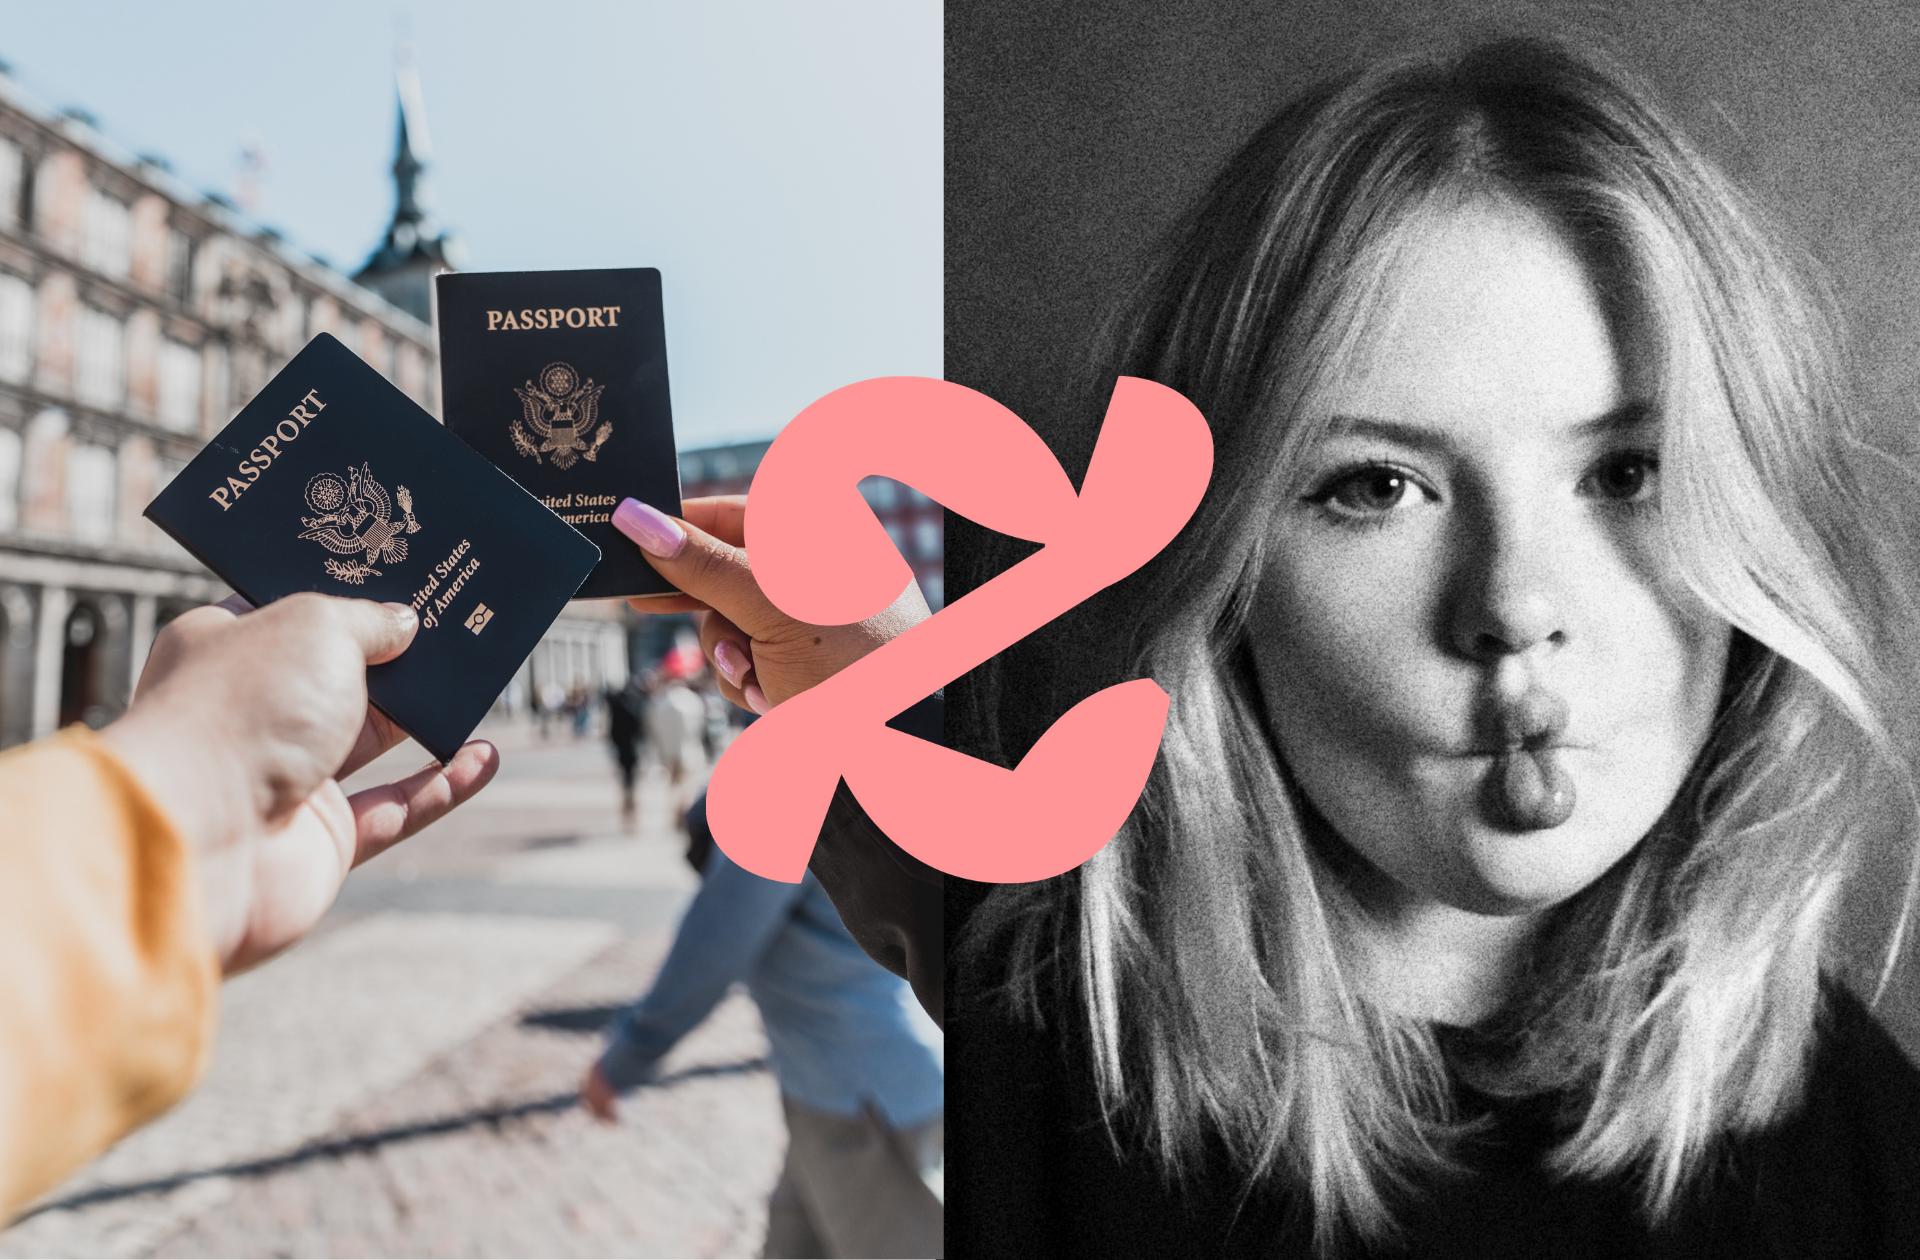 Comment vous préparer pour ne pas regretter votre photo de passeport pendant les 10 prochaines années